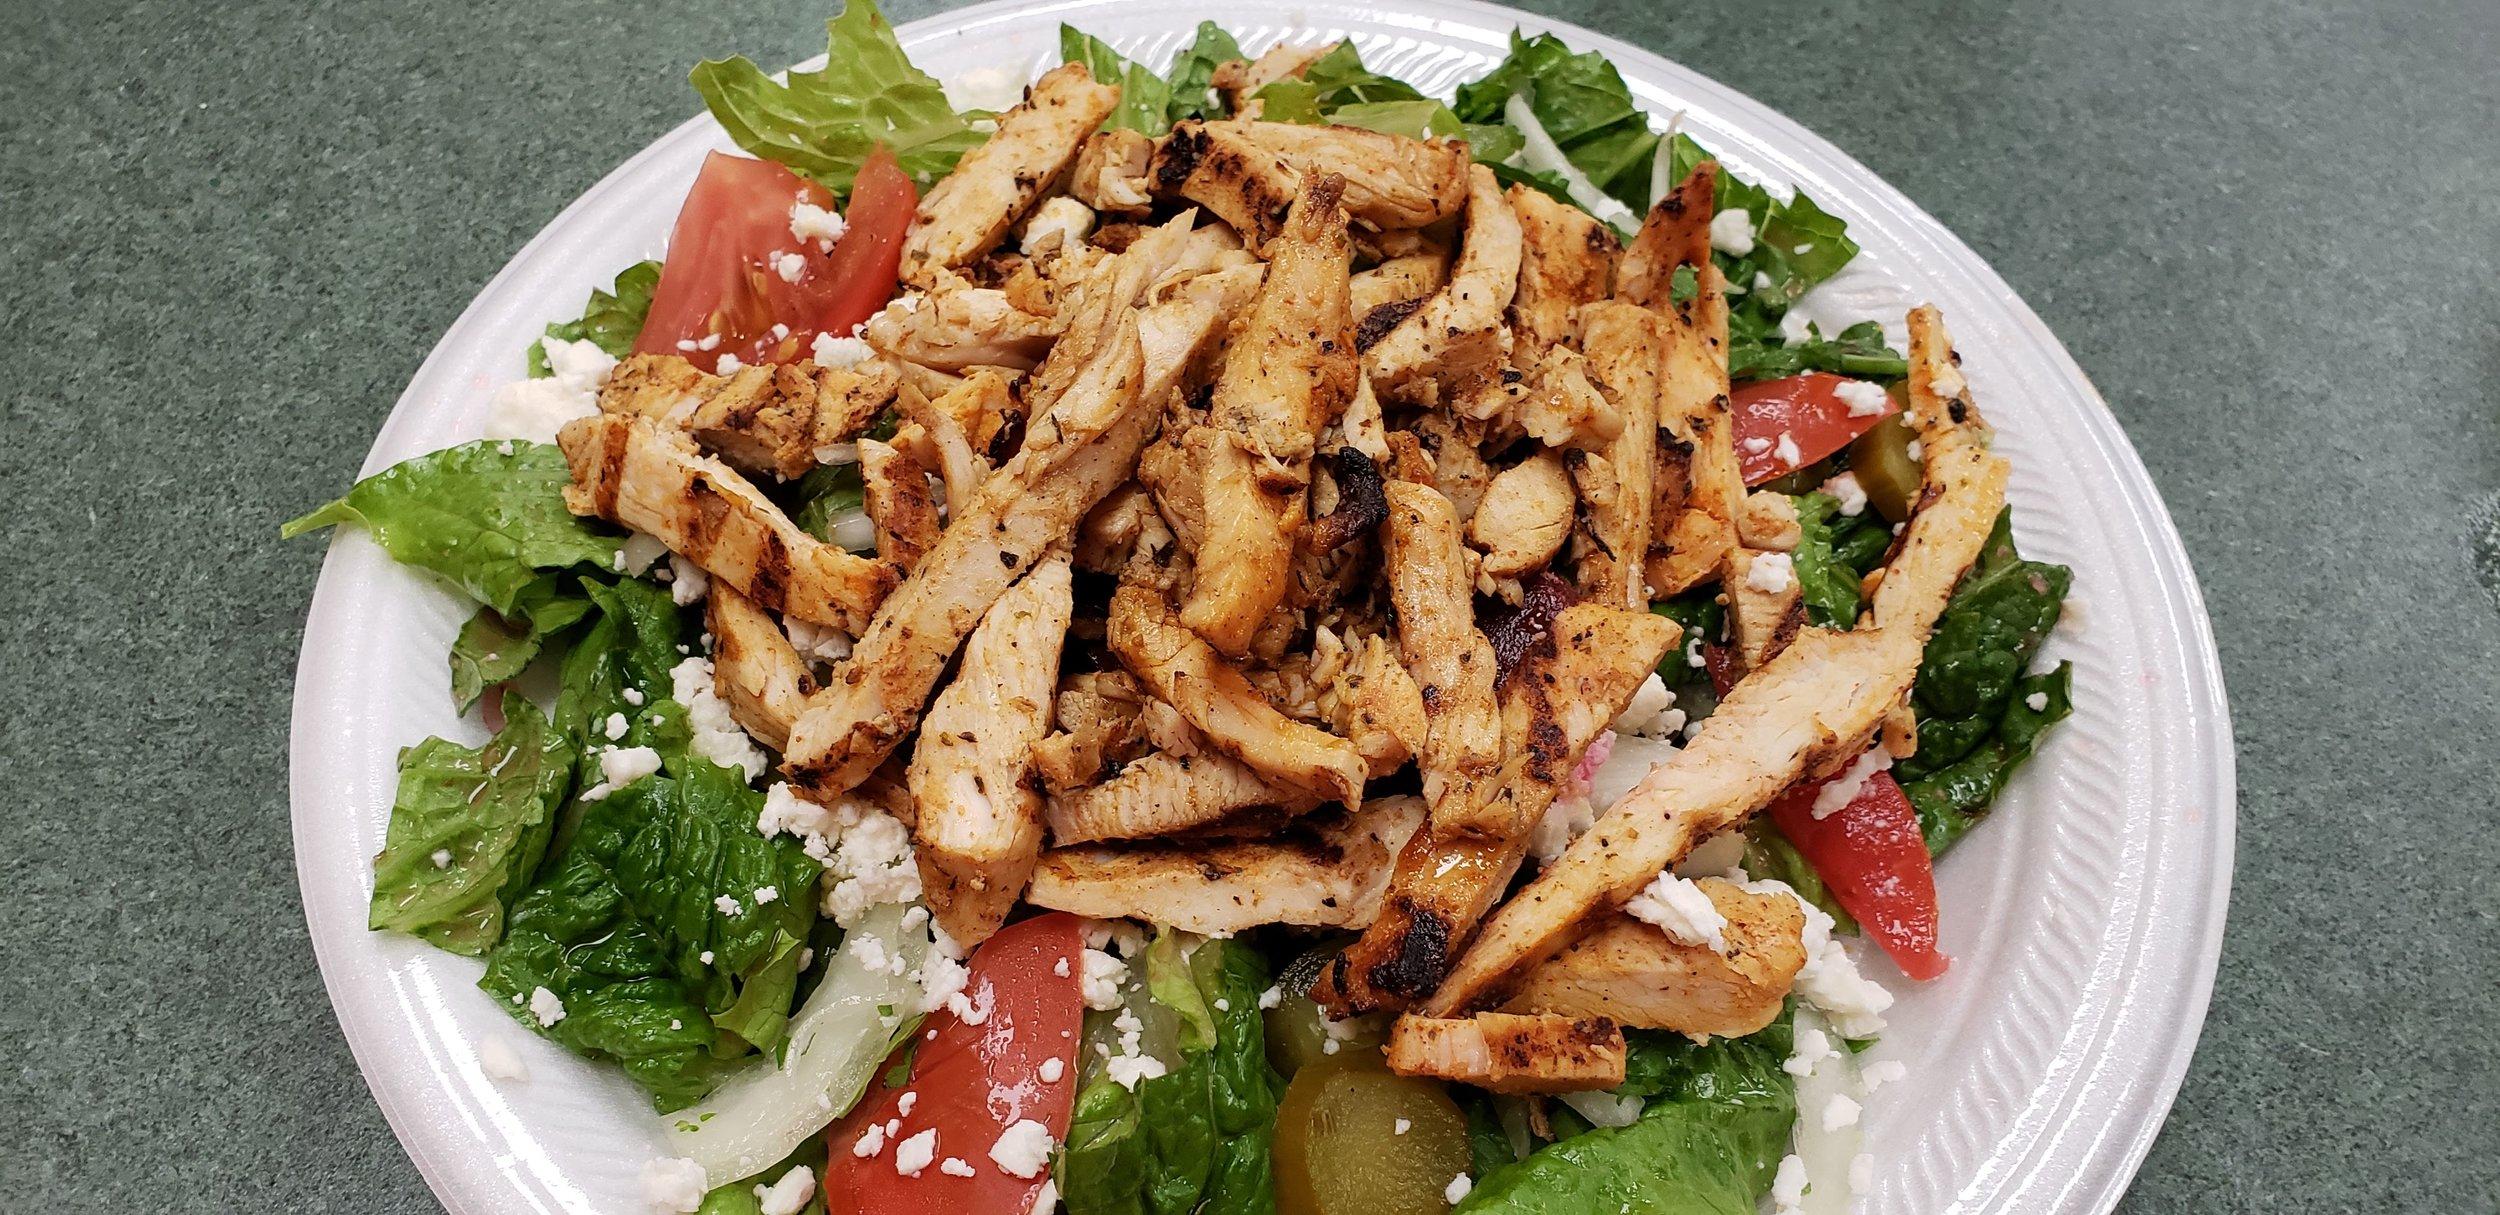 Maira's Greek Salad with Chicken